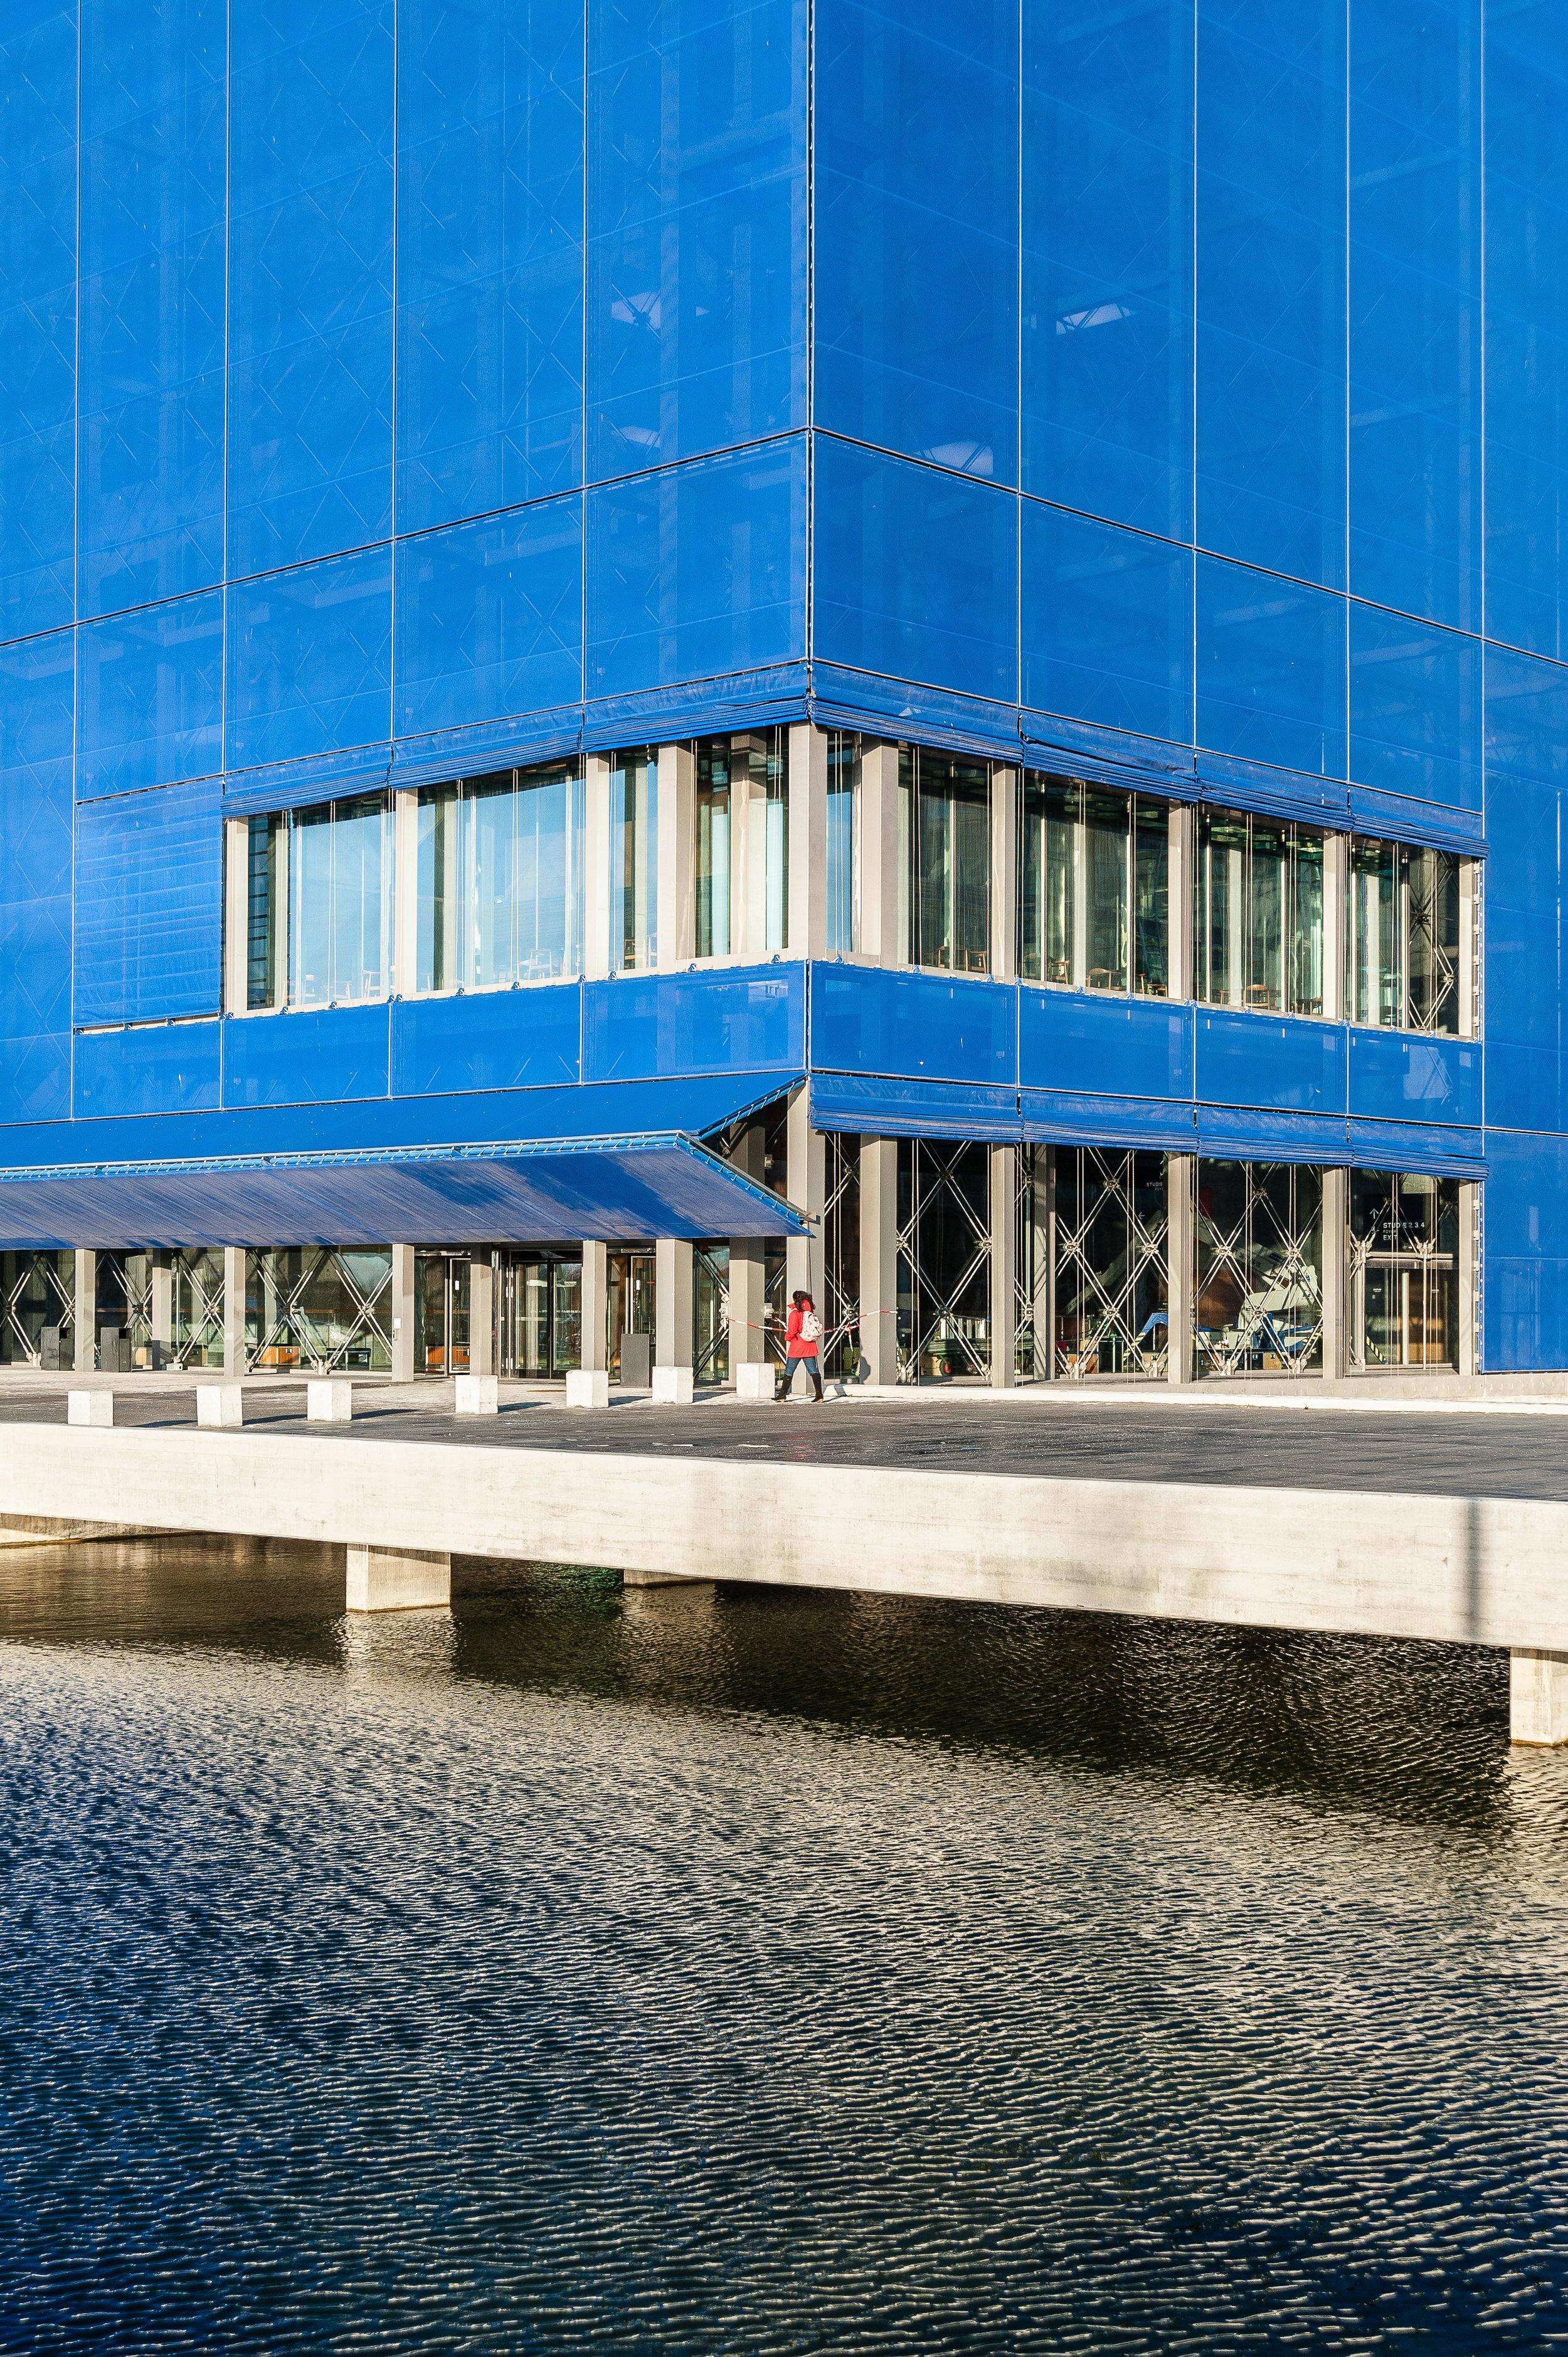 Blue vs. Red, Copenhagen